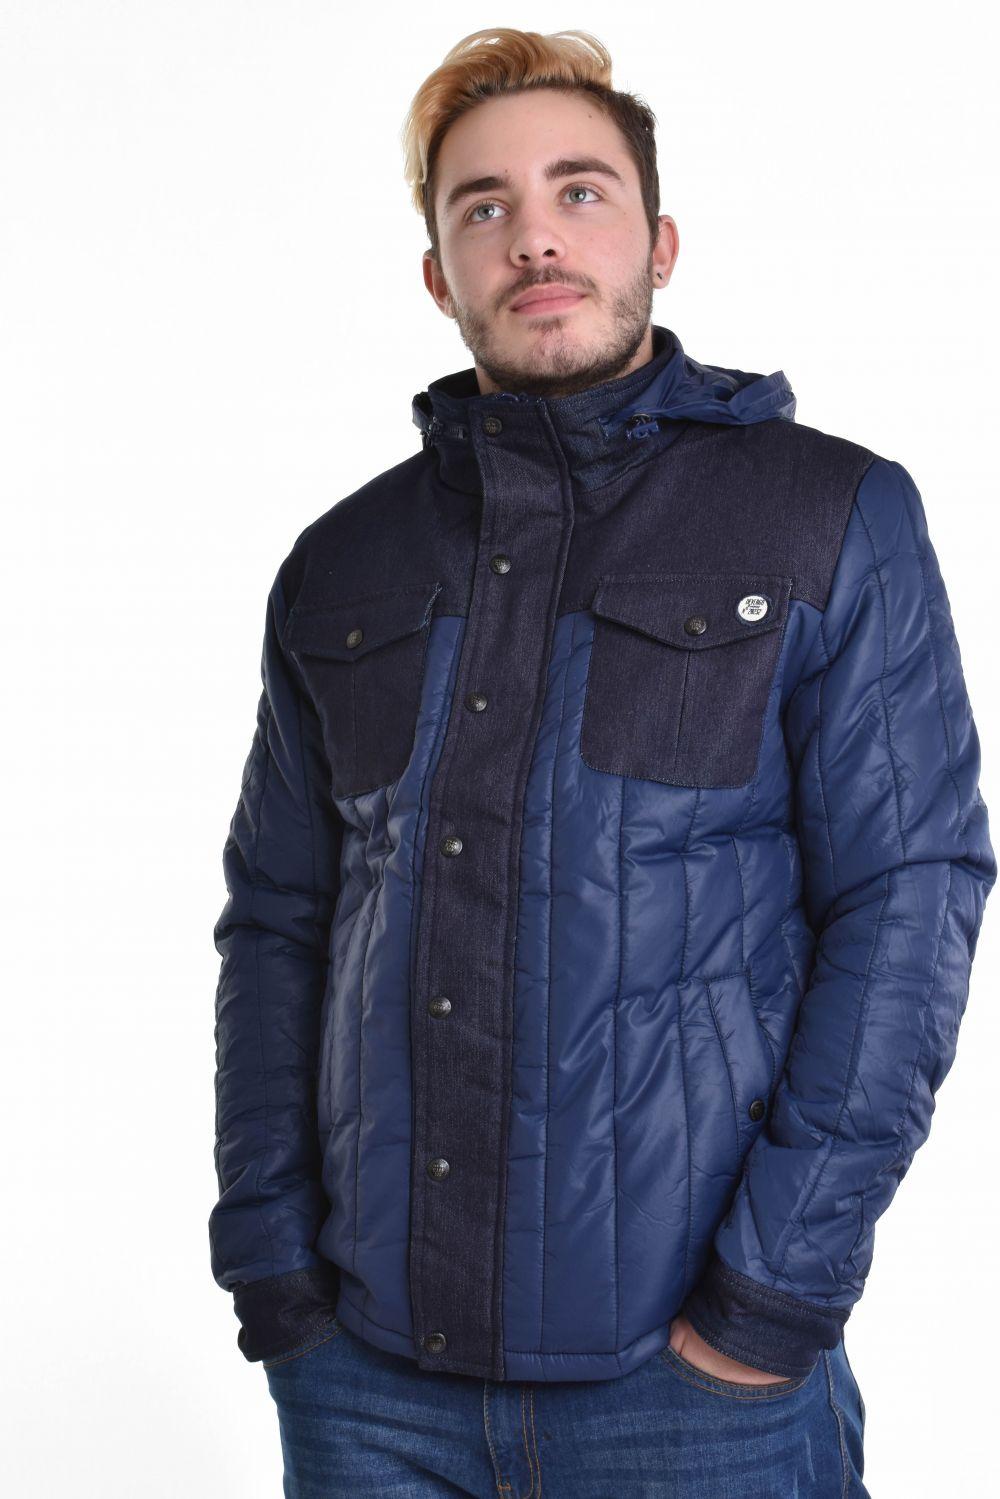 1e22b6ae02 Devergo férfi kabát   Markasbolt.hu Hivatalos DEVERGO forgalmazó